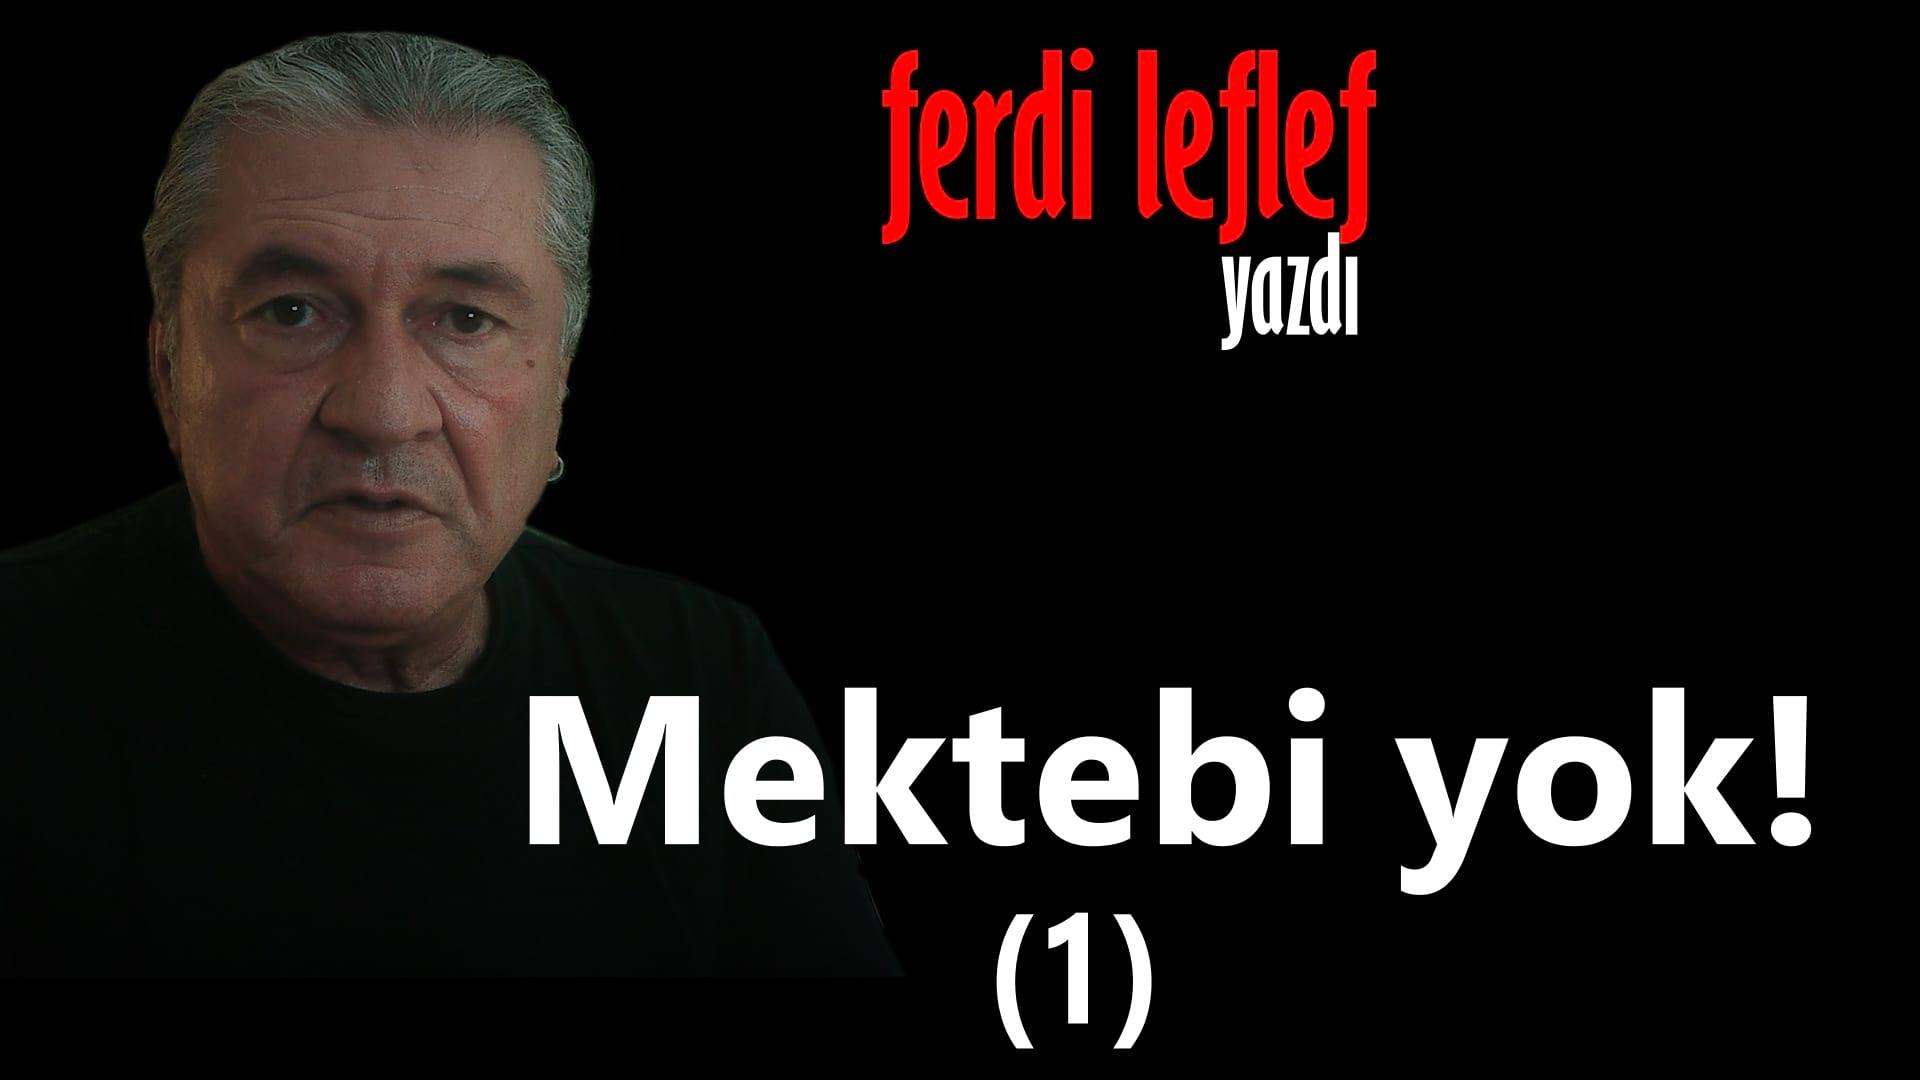 Mektebi yok - Ferdi Leflef yazdı